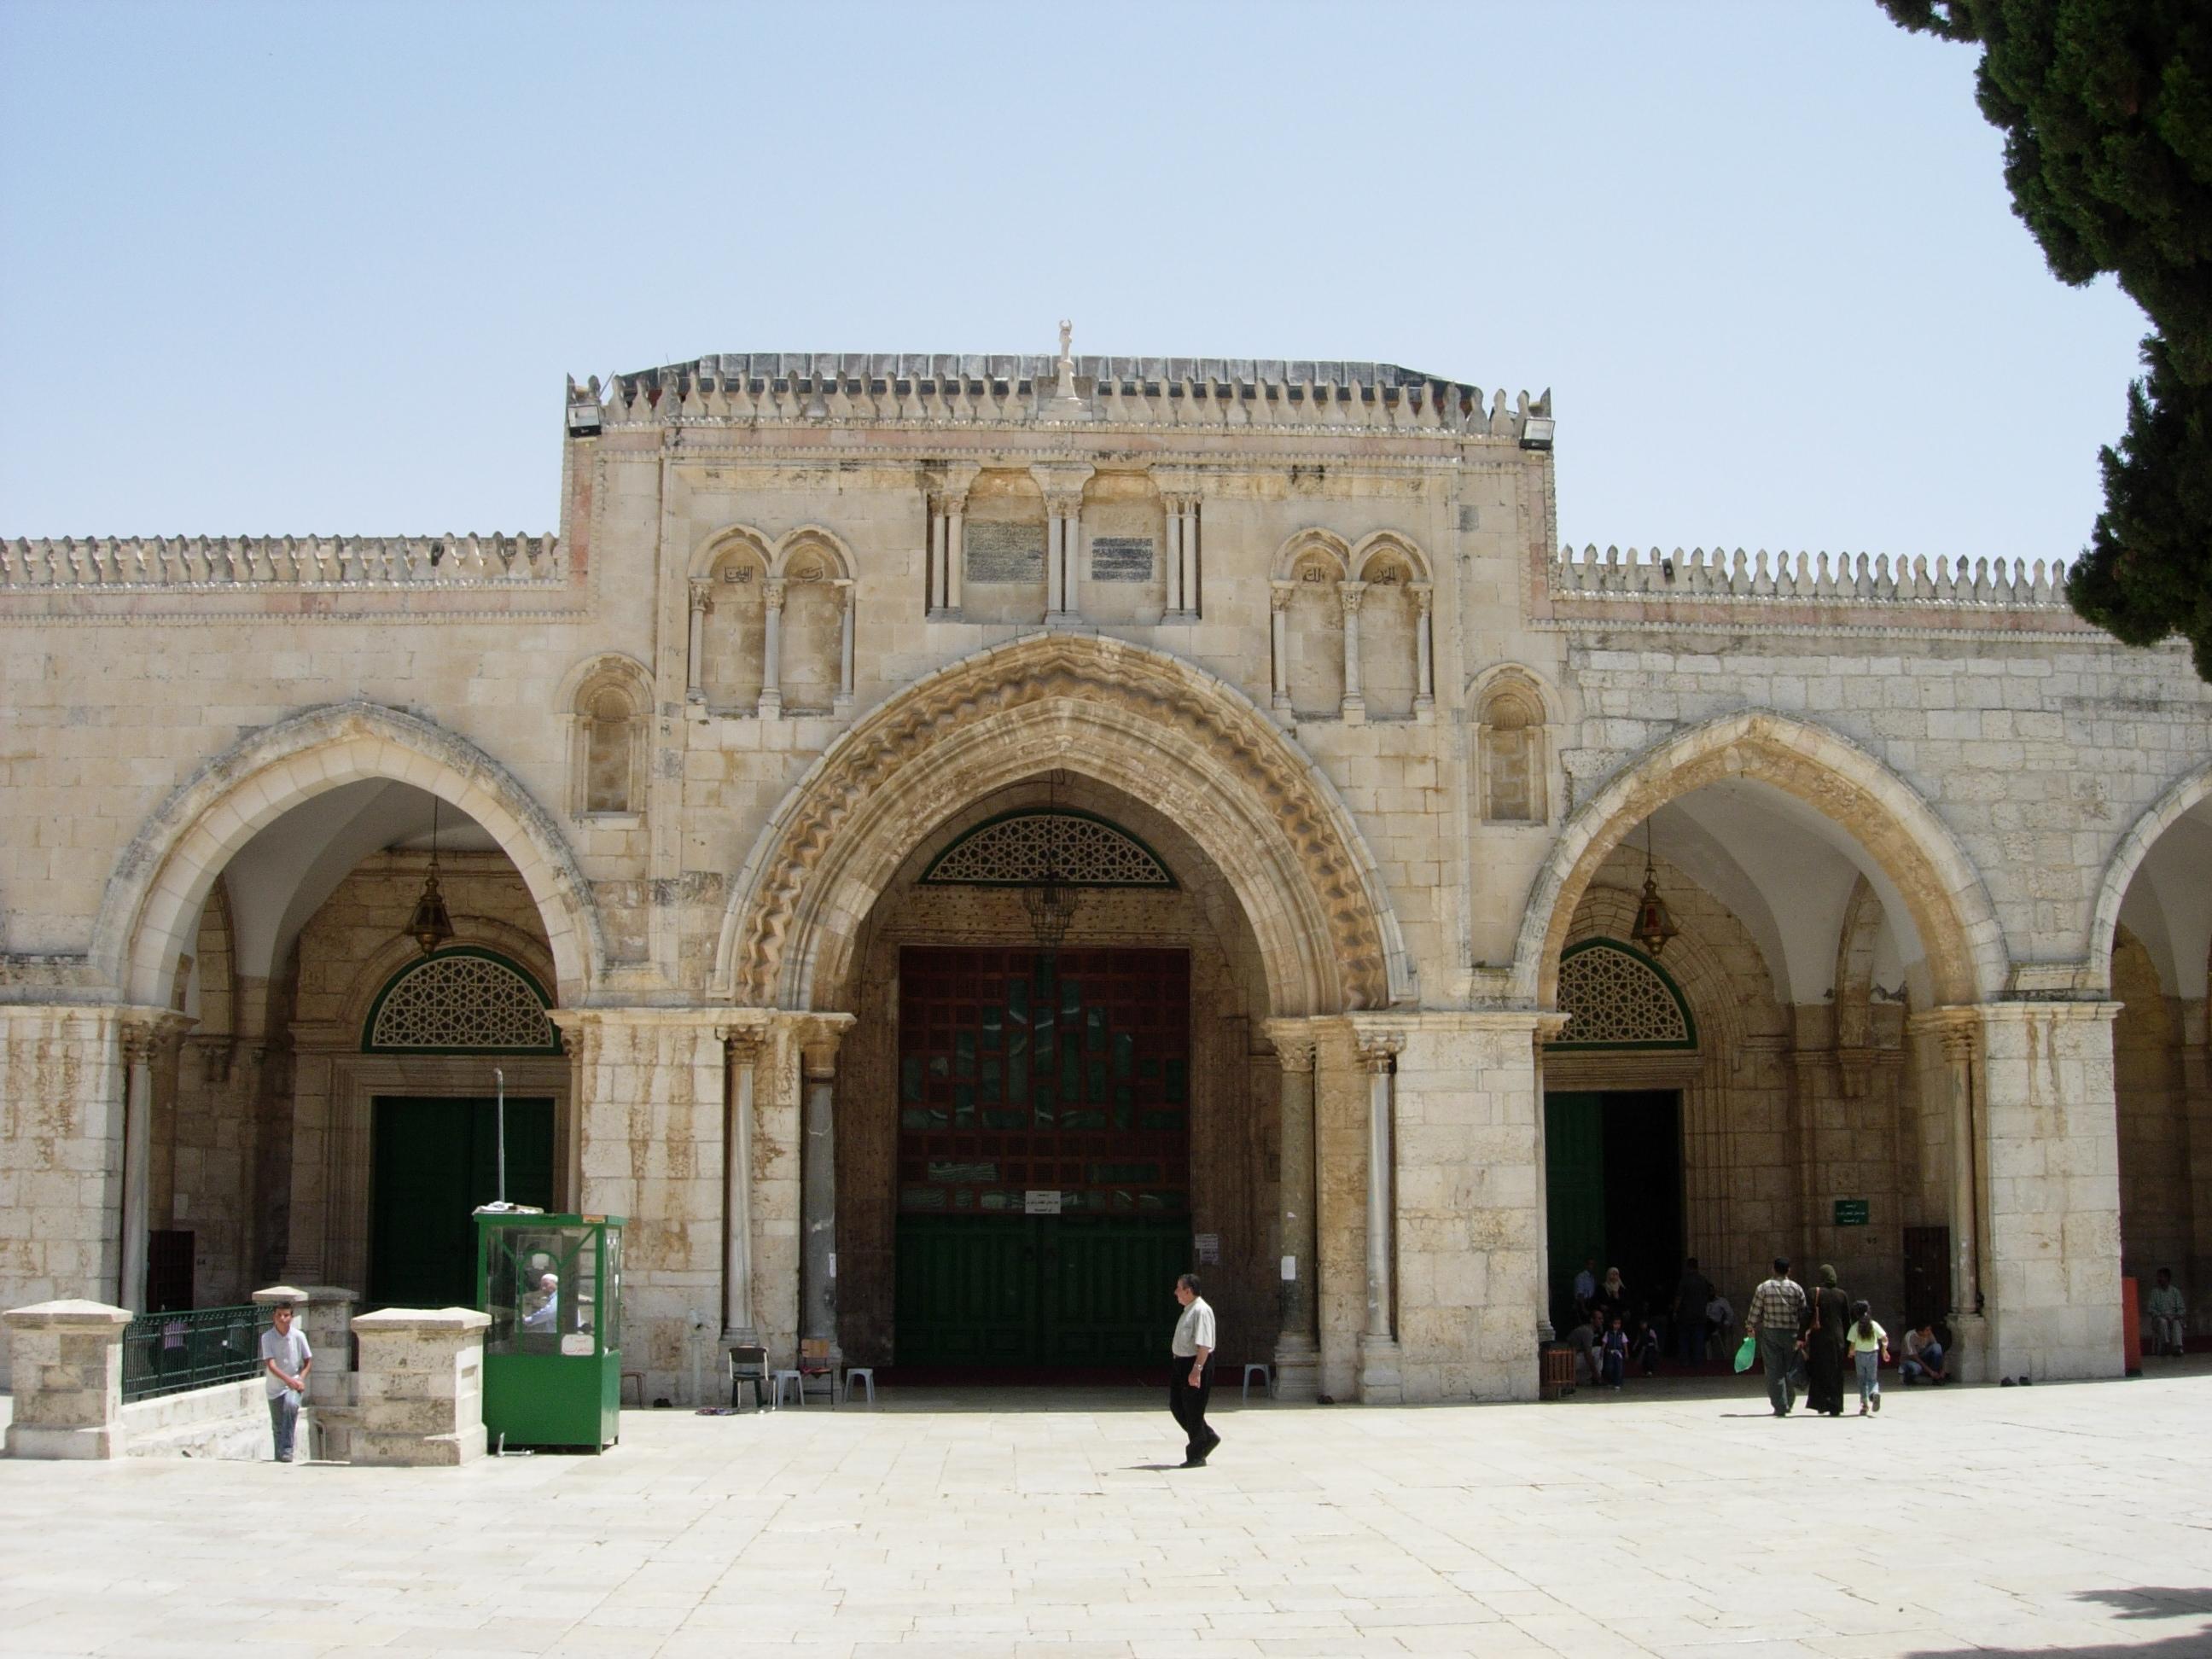 Al-Aqsa Mosque, Jerusalem, Israel.